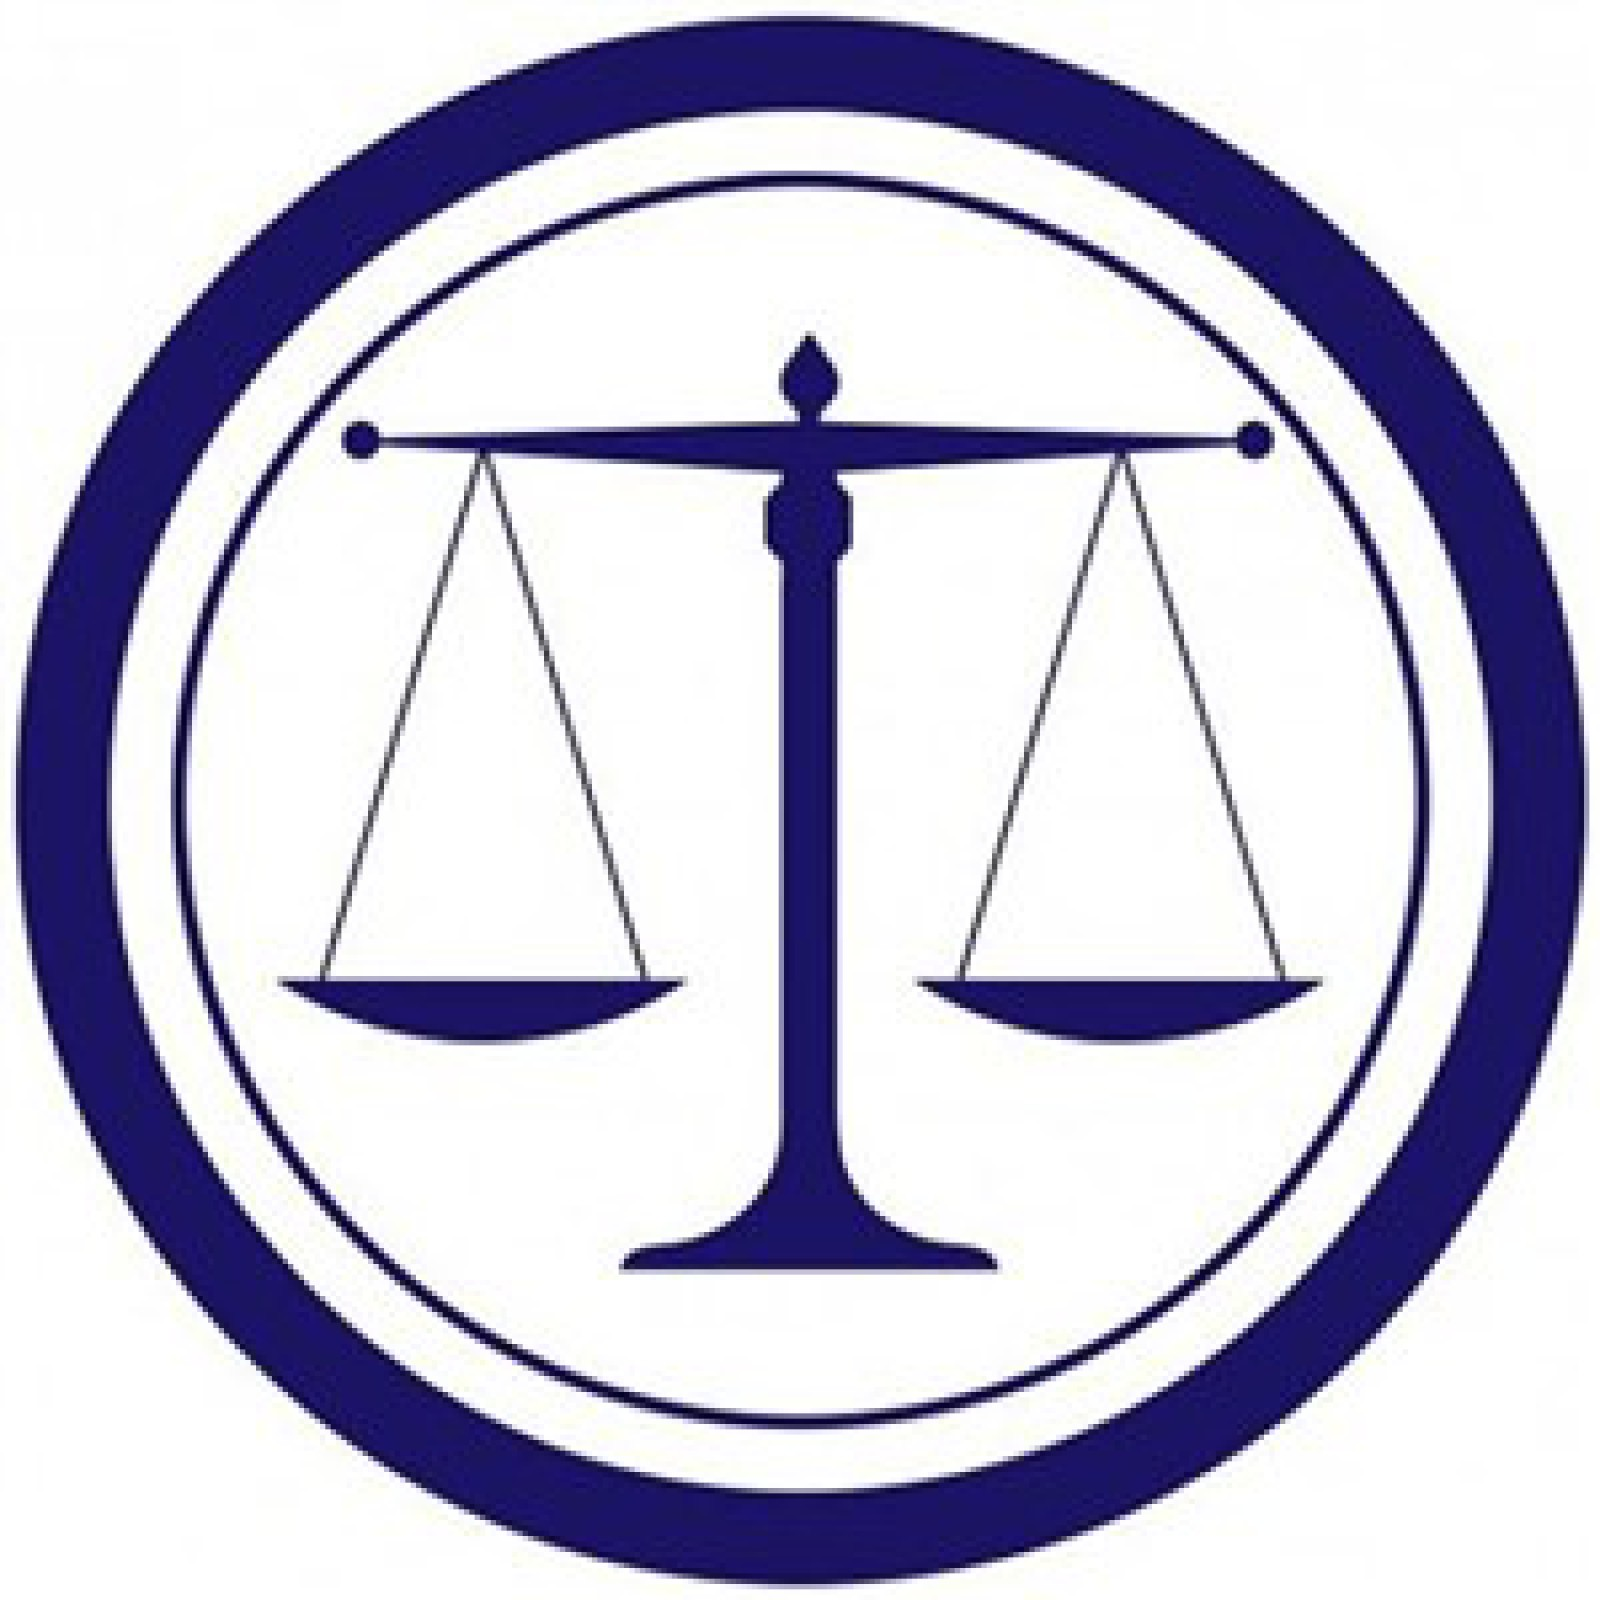 Notifica da parte di Ufficiale Giudiziario territorialmente incompetente? Nessun problema, notifica valida.